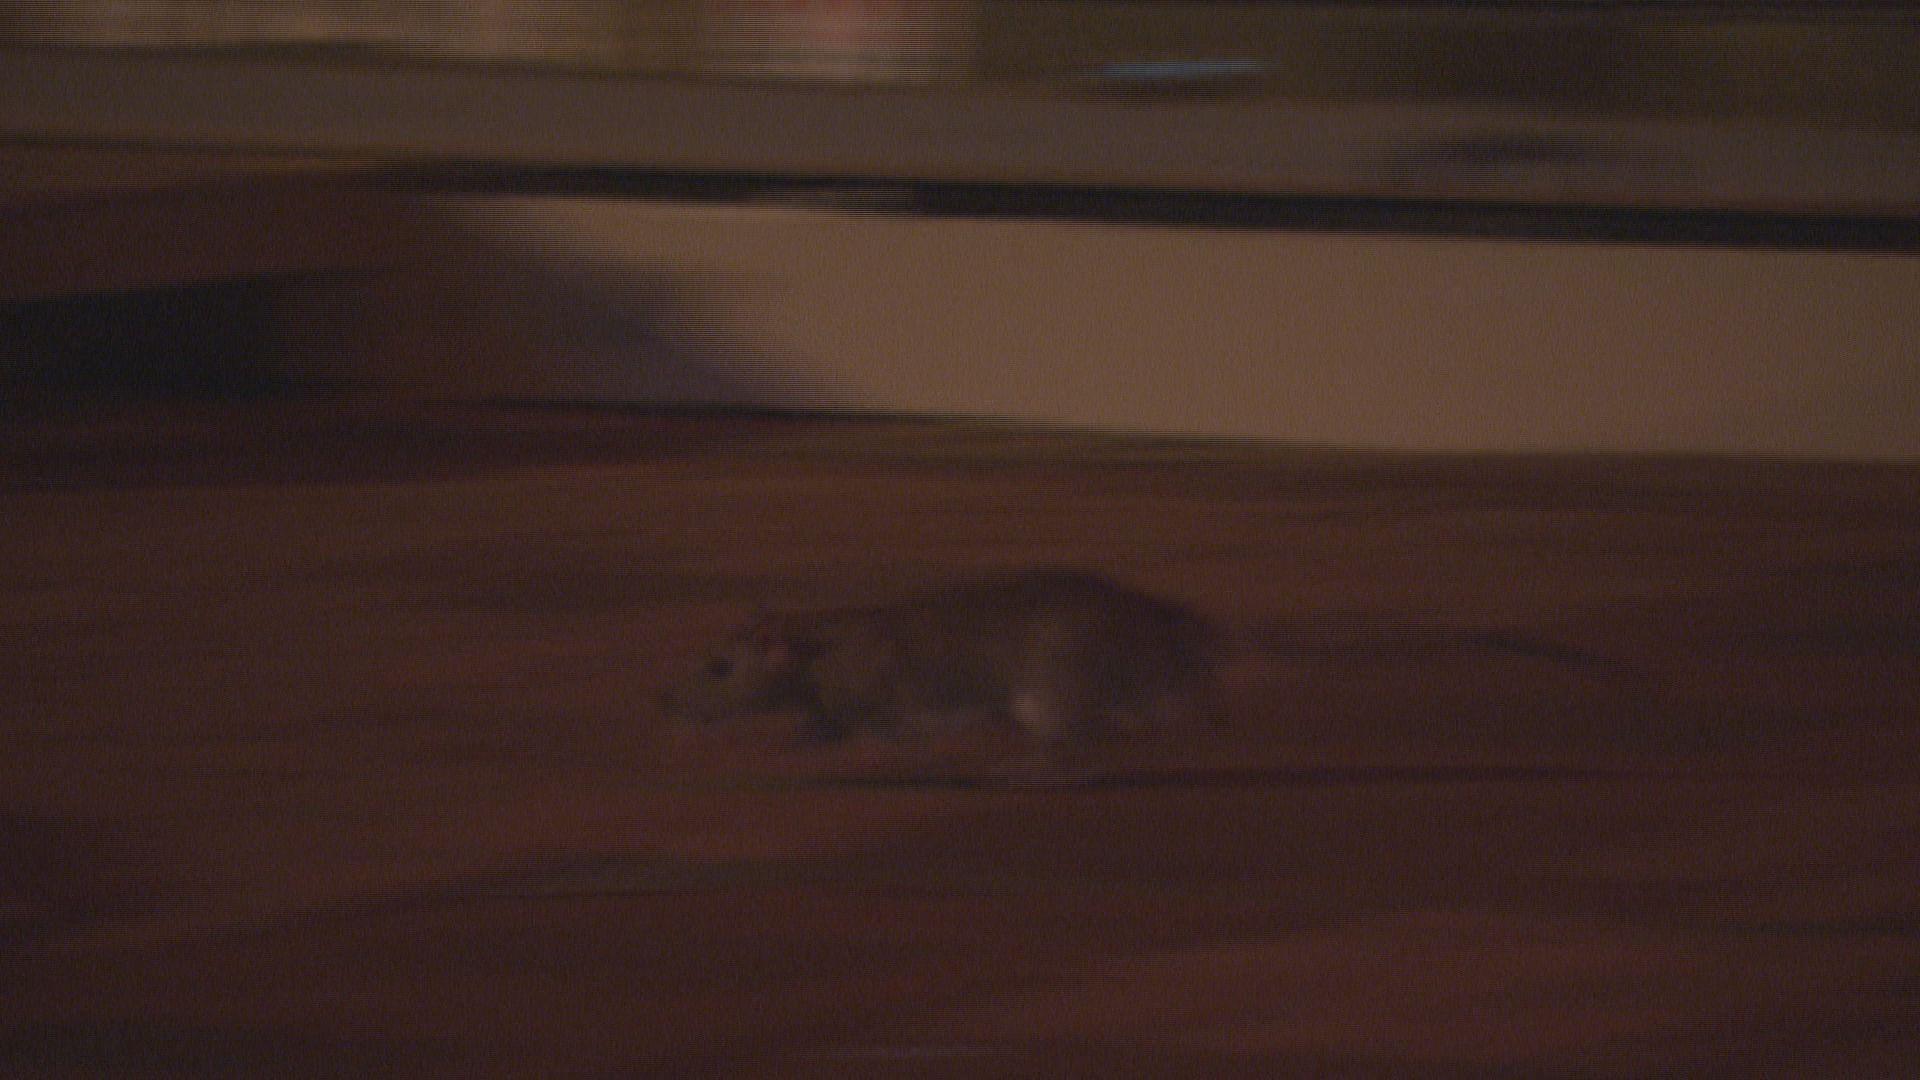 陳肇始:會物色新科技協助滅鼠